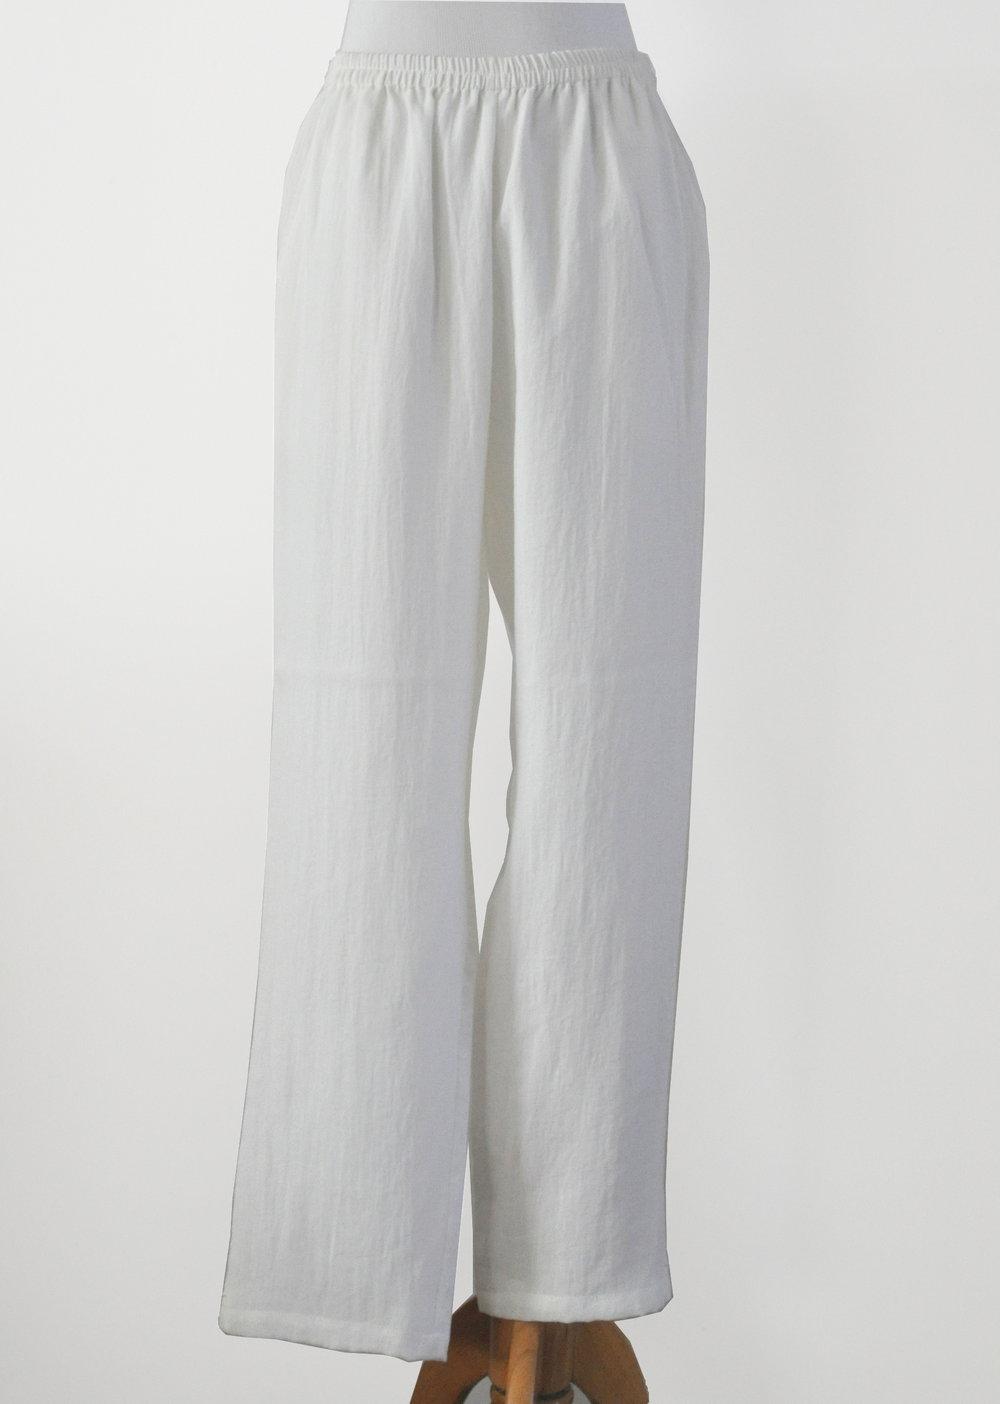 AAPT09-White.JPG